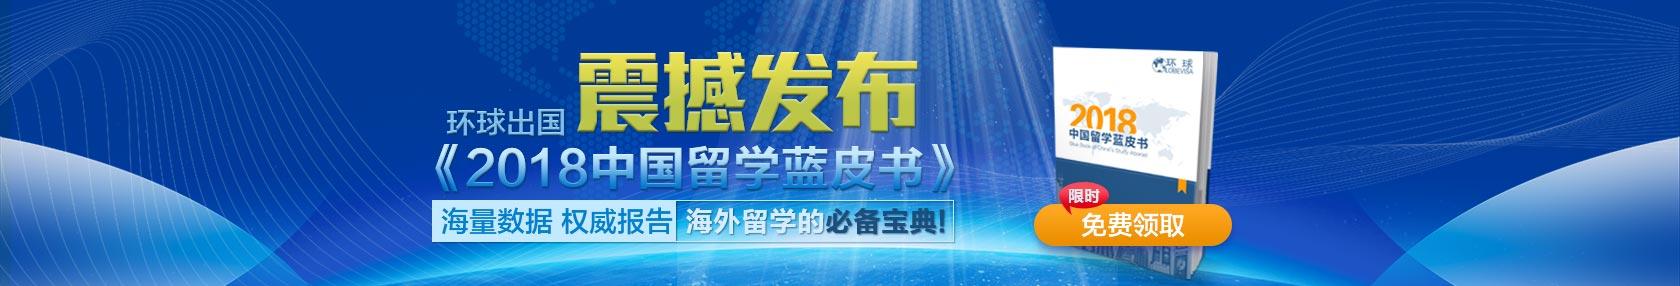 【环球出国】2018中国留学蓝皮书,海量数据、权威报告海外留学的必备宝典!